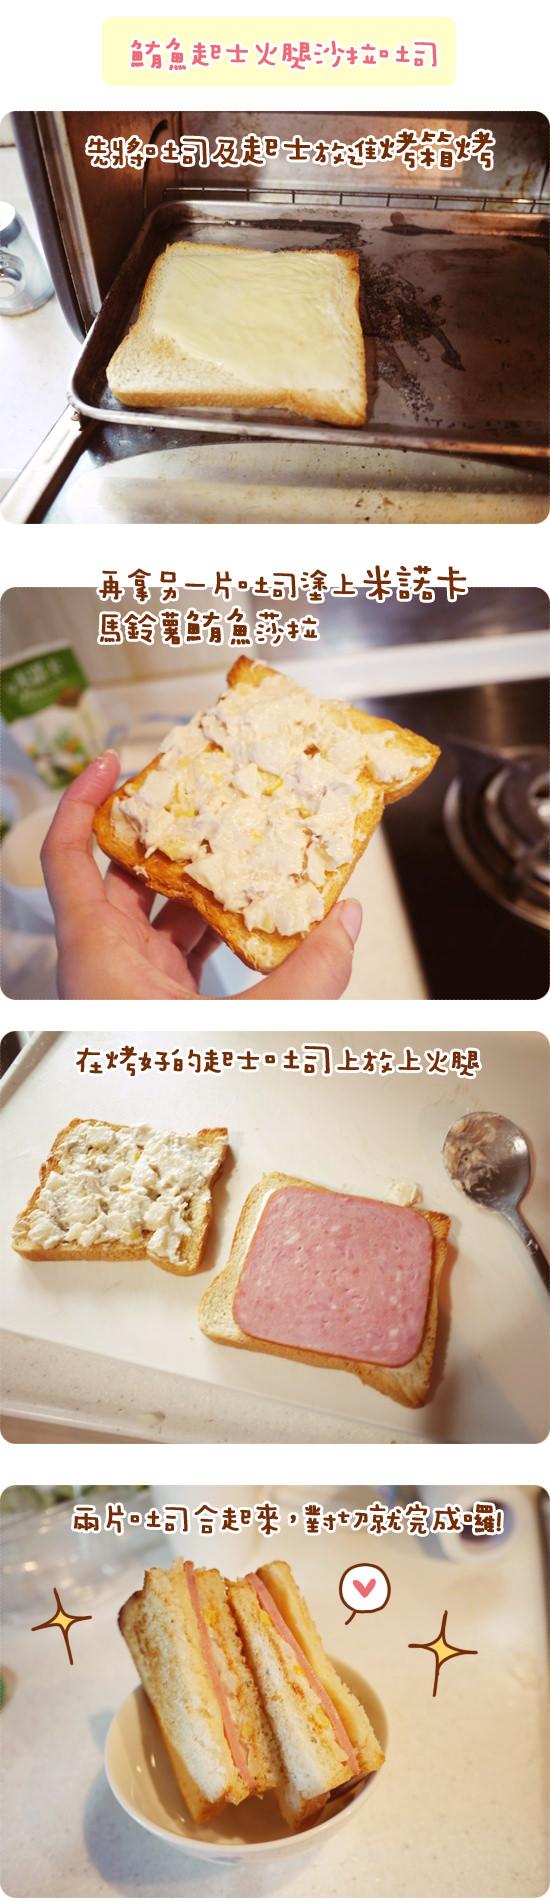 鮪魚吐司火腿